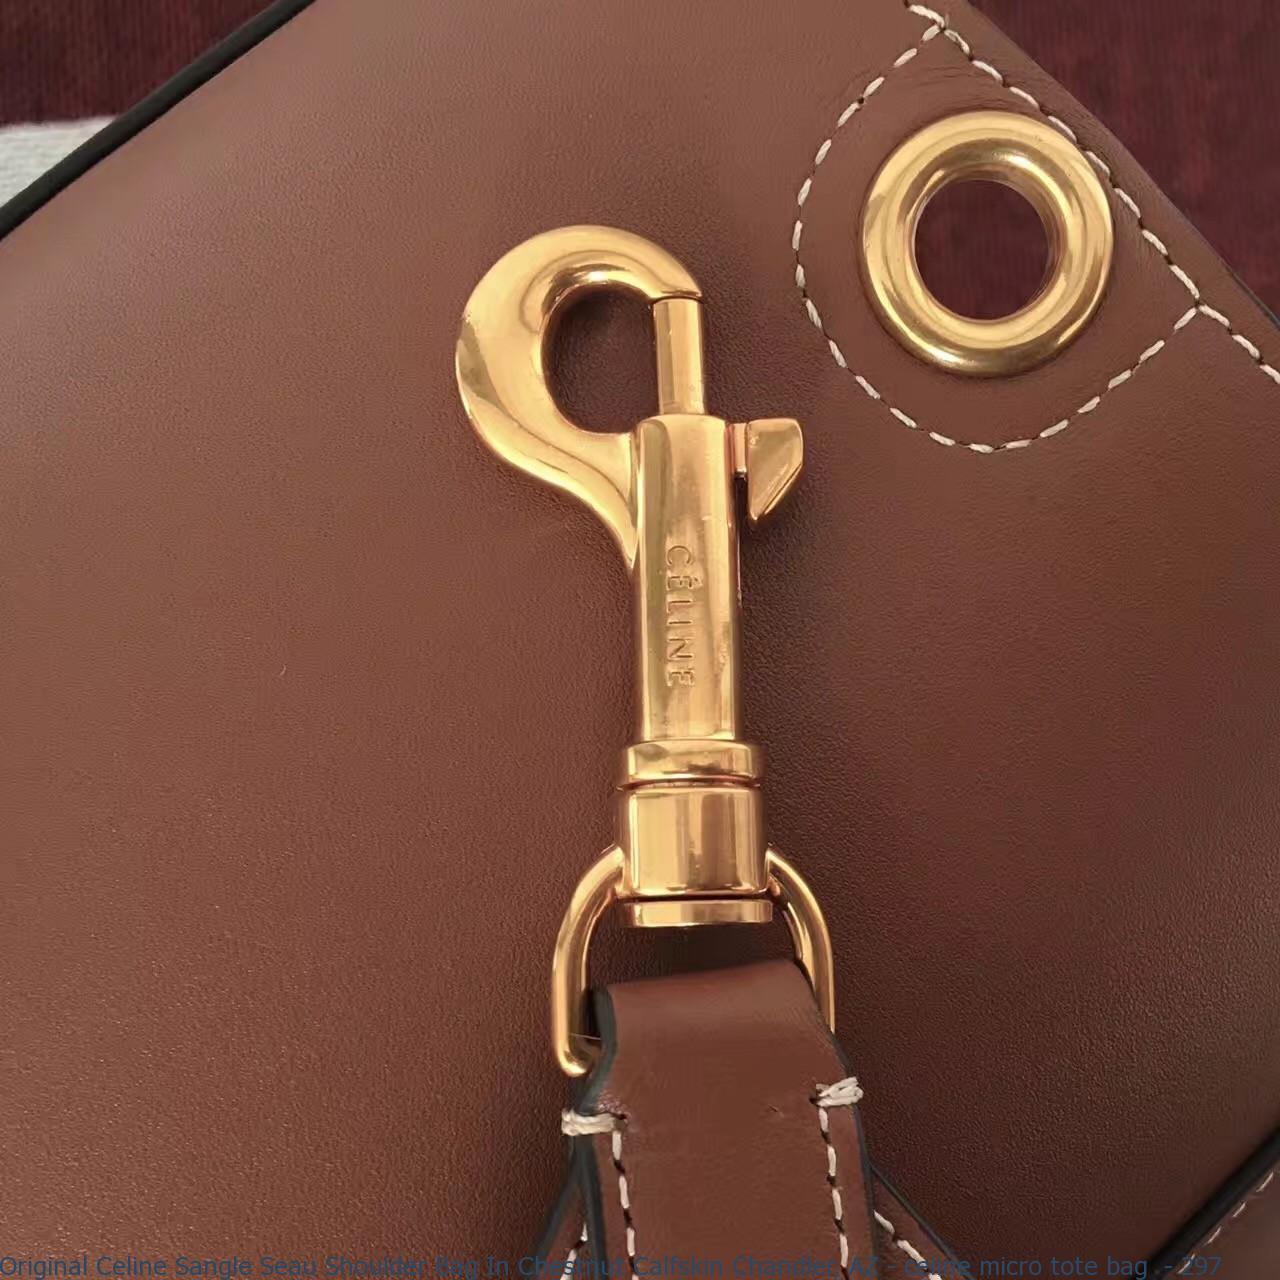 Original Celine Sangle Seau Shoulder Bag In Chestnut Calfskin ... 99f8abbc68d85